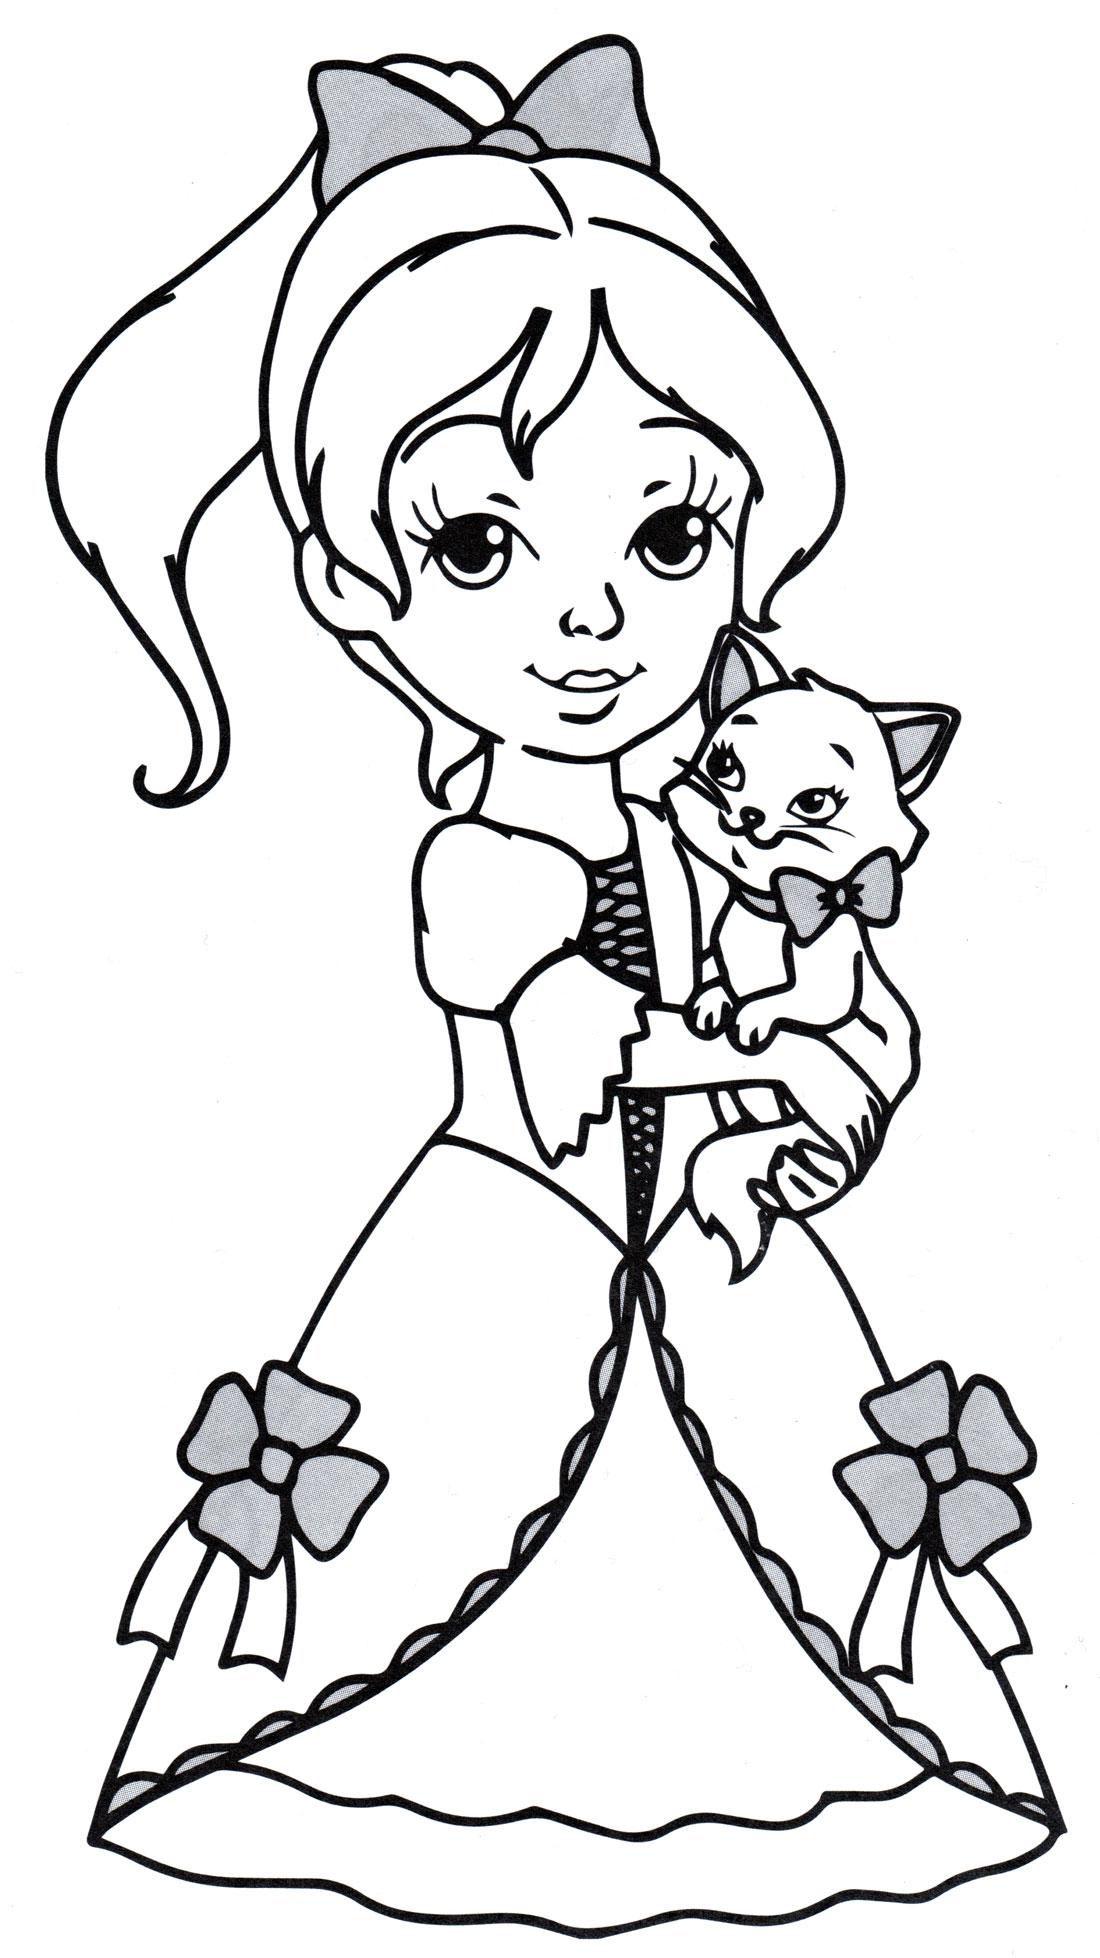 Раскраска Принцесса с котенком - распечатать бесплатно